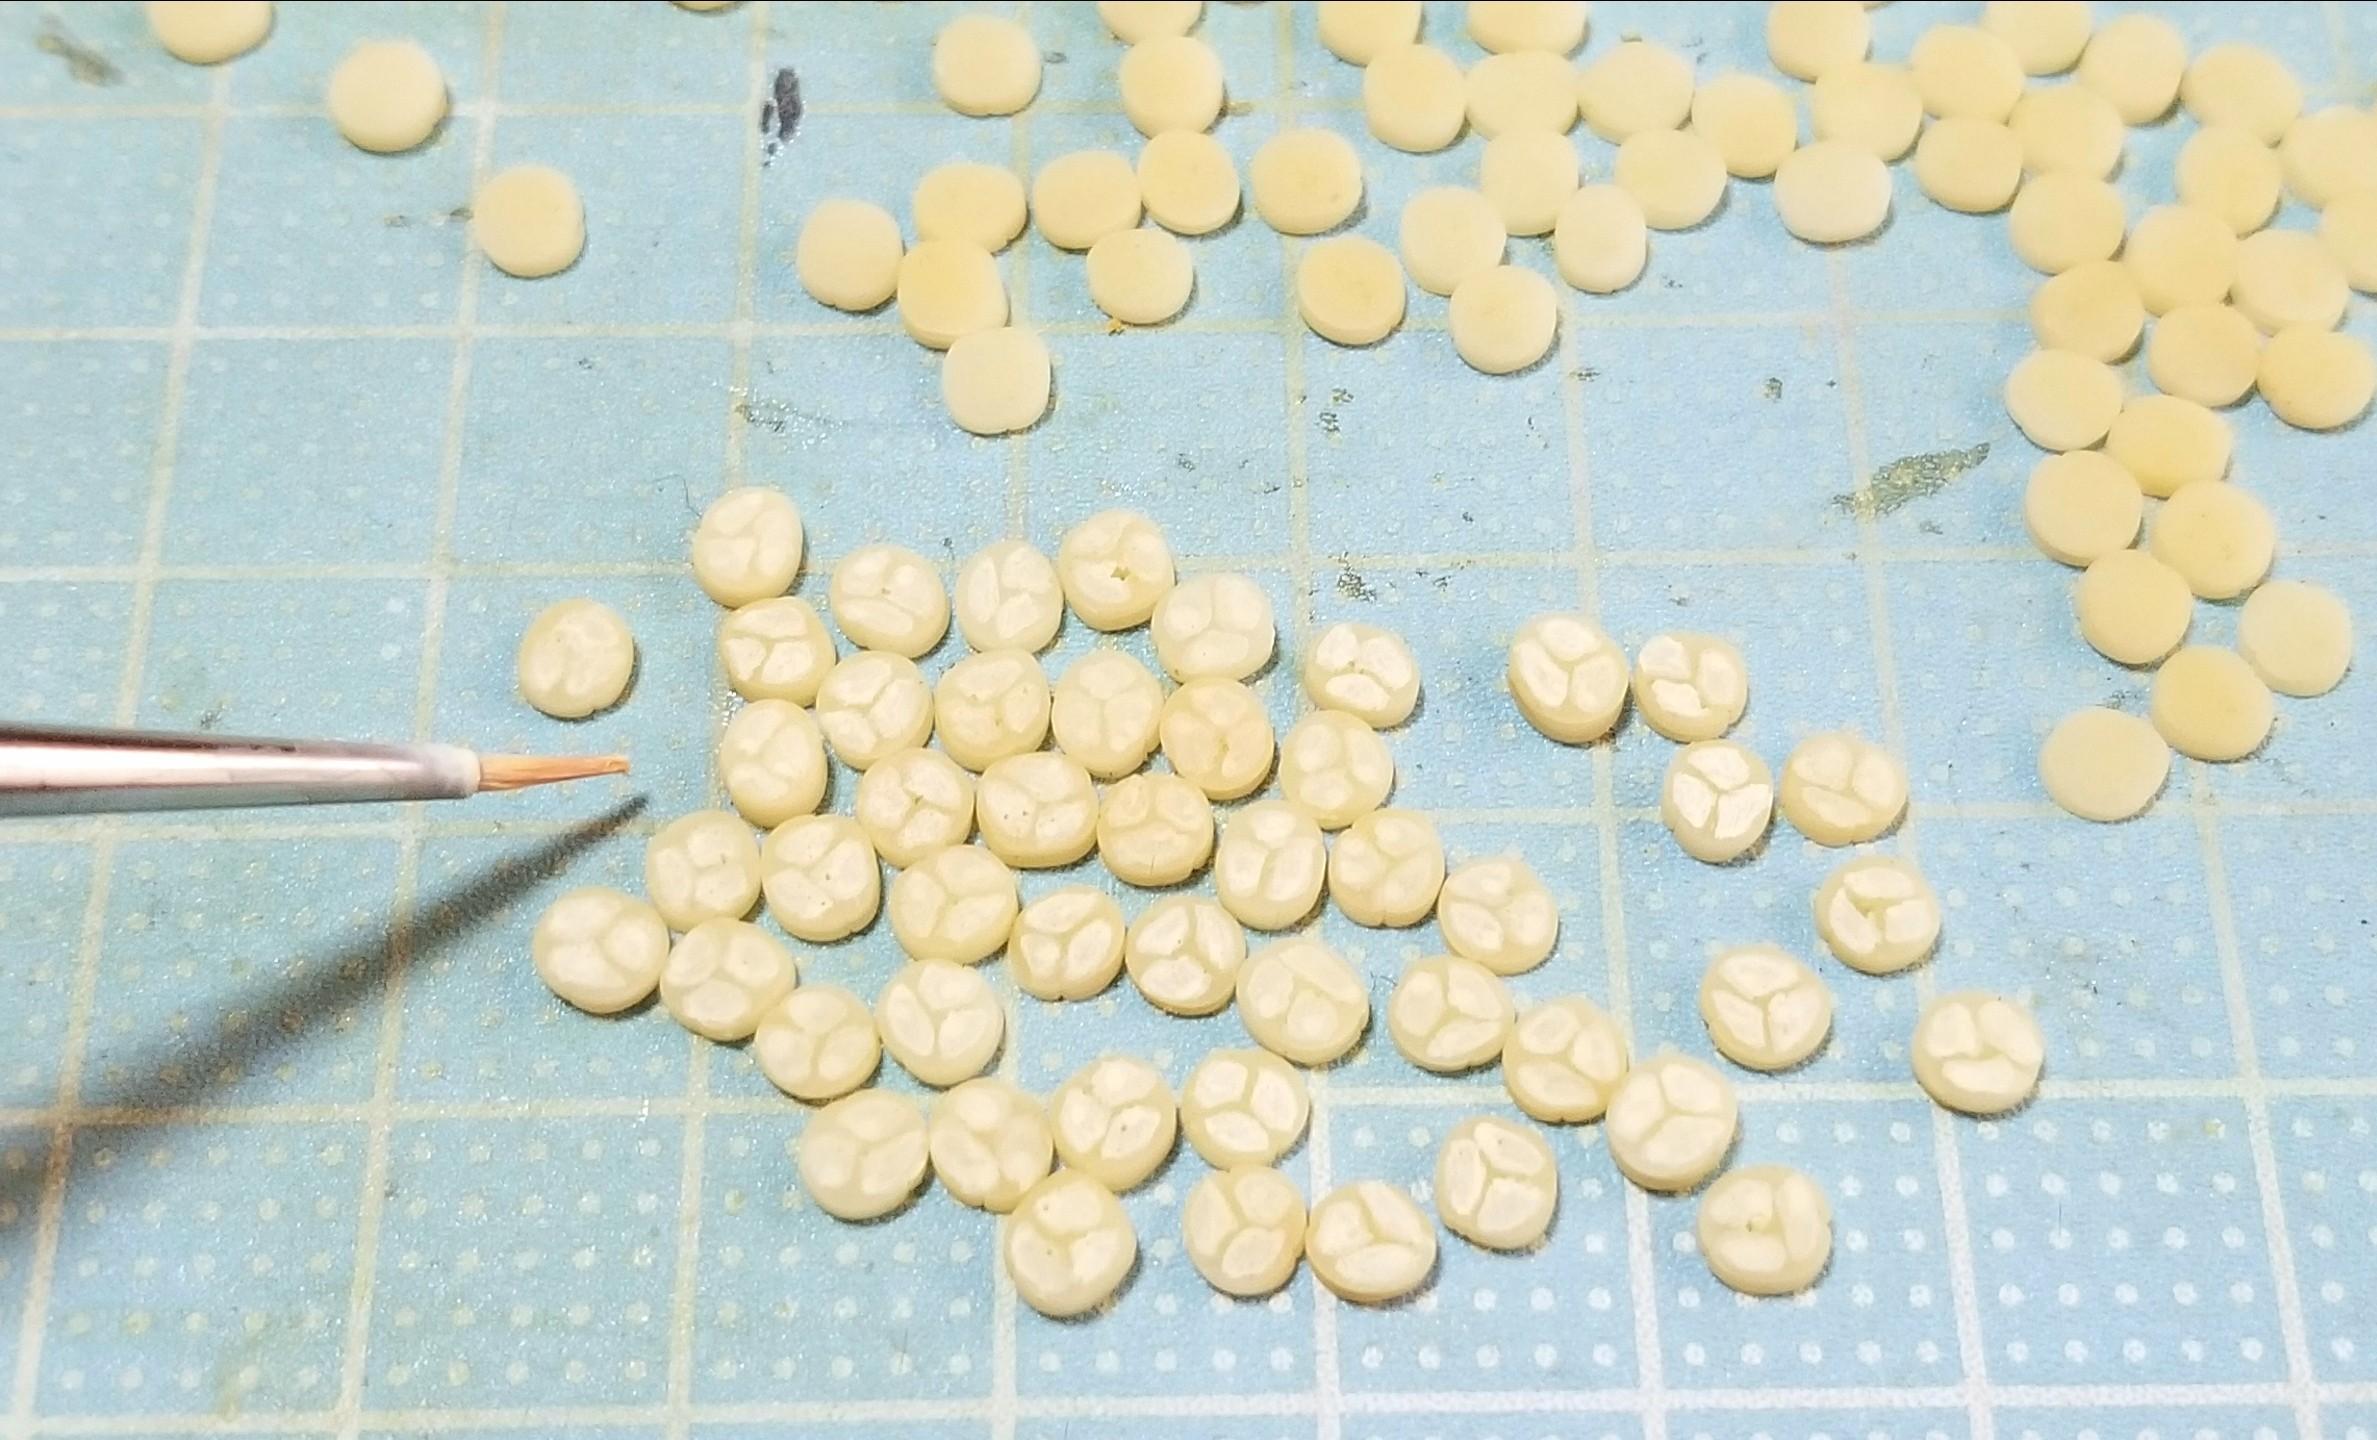 ミニチュア,スライスバナナ,作り方,着色,樹脂粘土,ドールハウス,人形